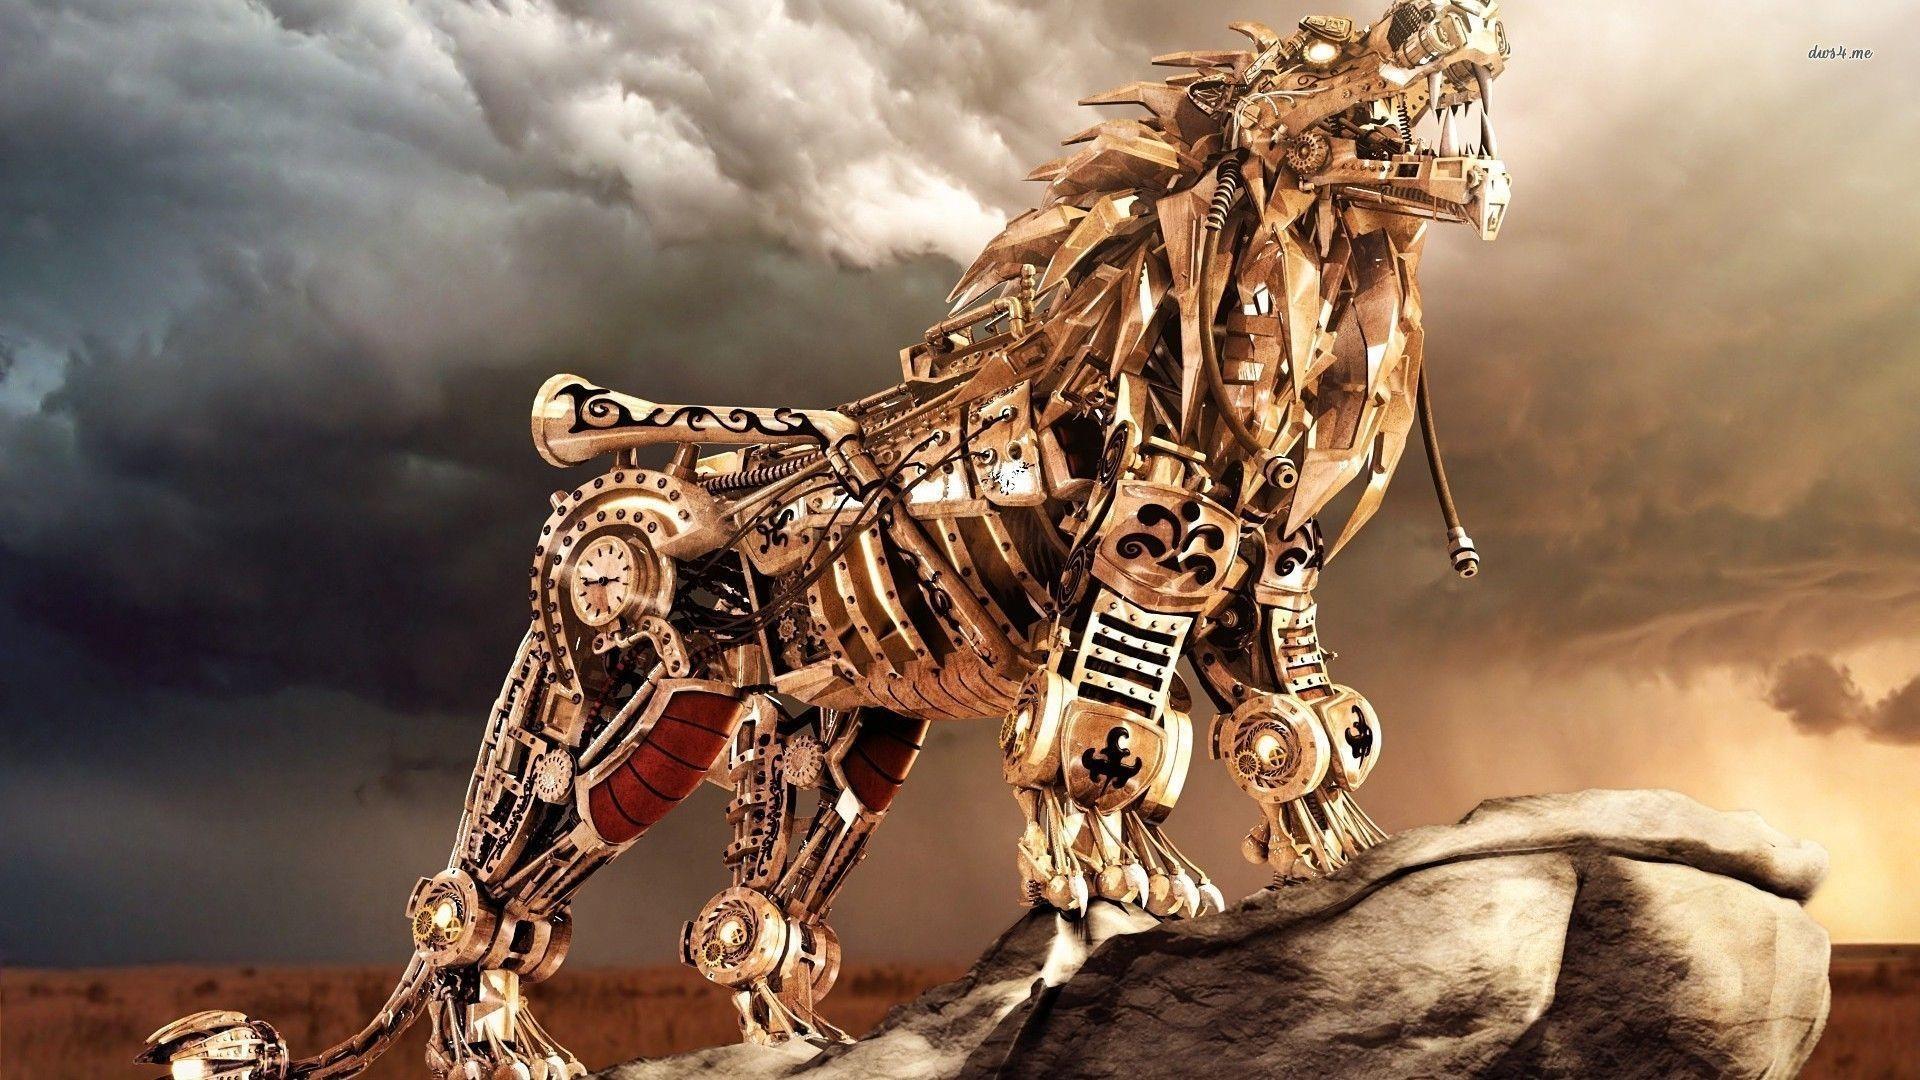 Robot lion wallpaper – Digital Art wallpapers – #11575